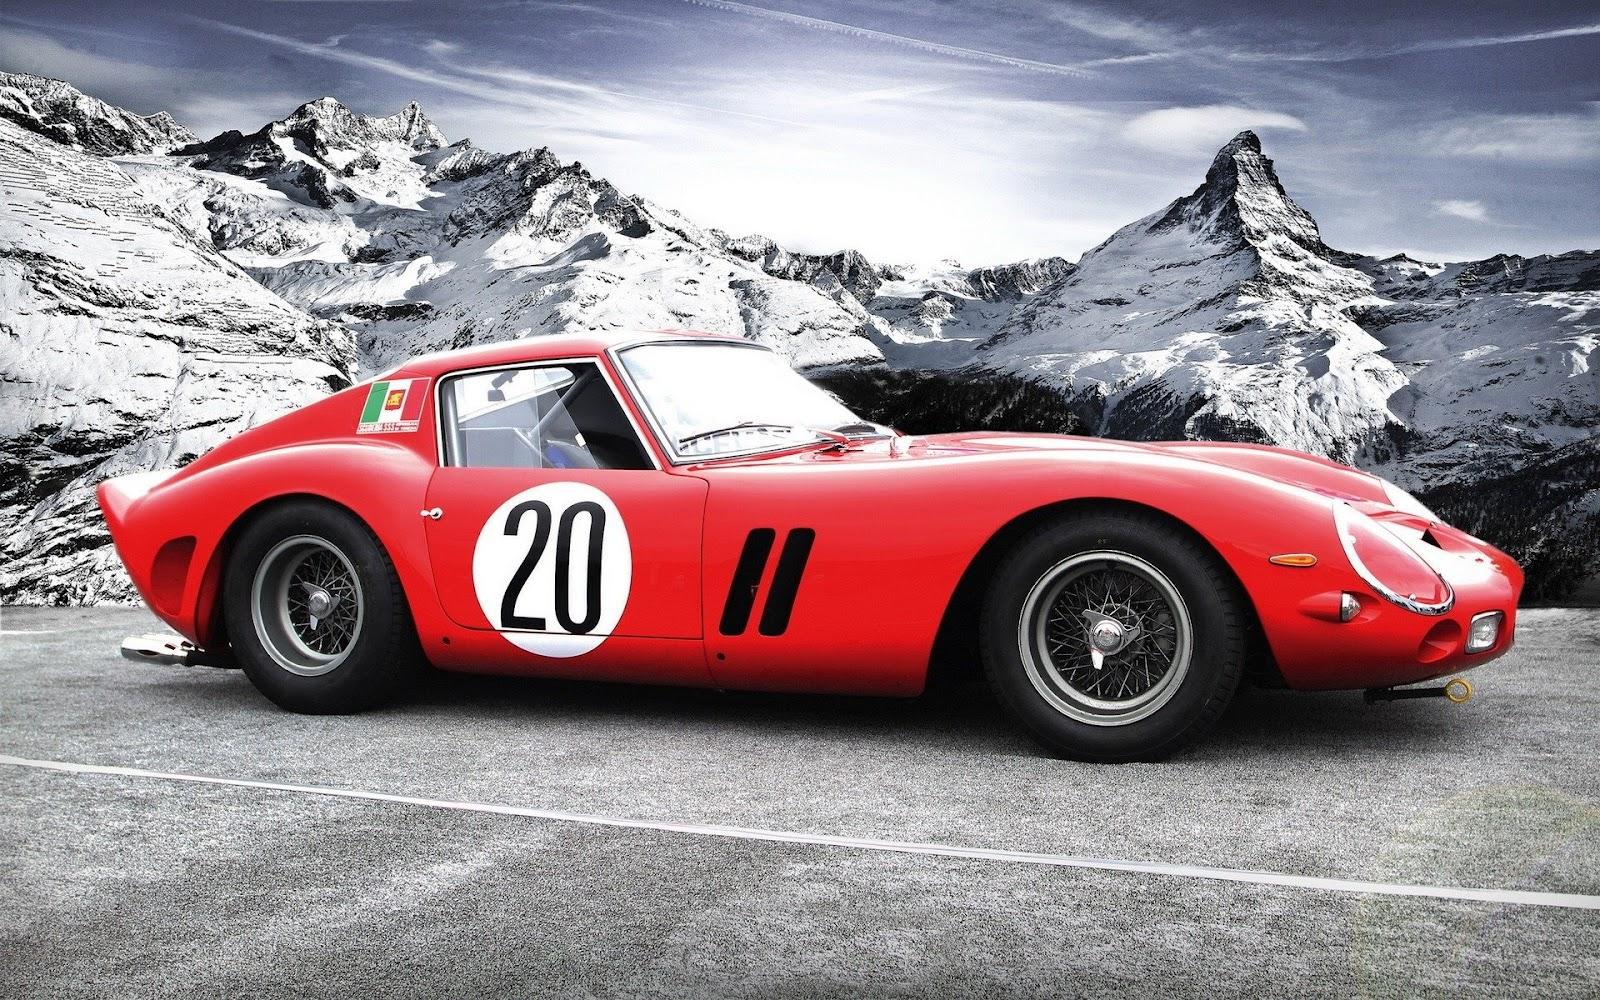 Wallpapers Of Beautiful Cars Ferrari 250 Gto